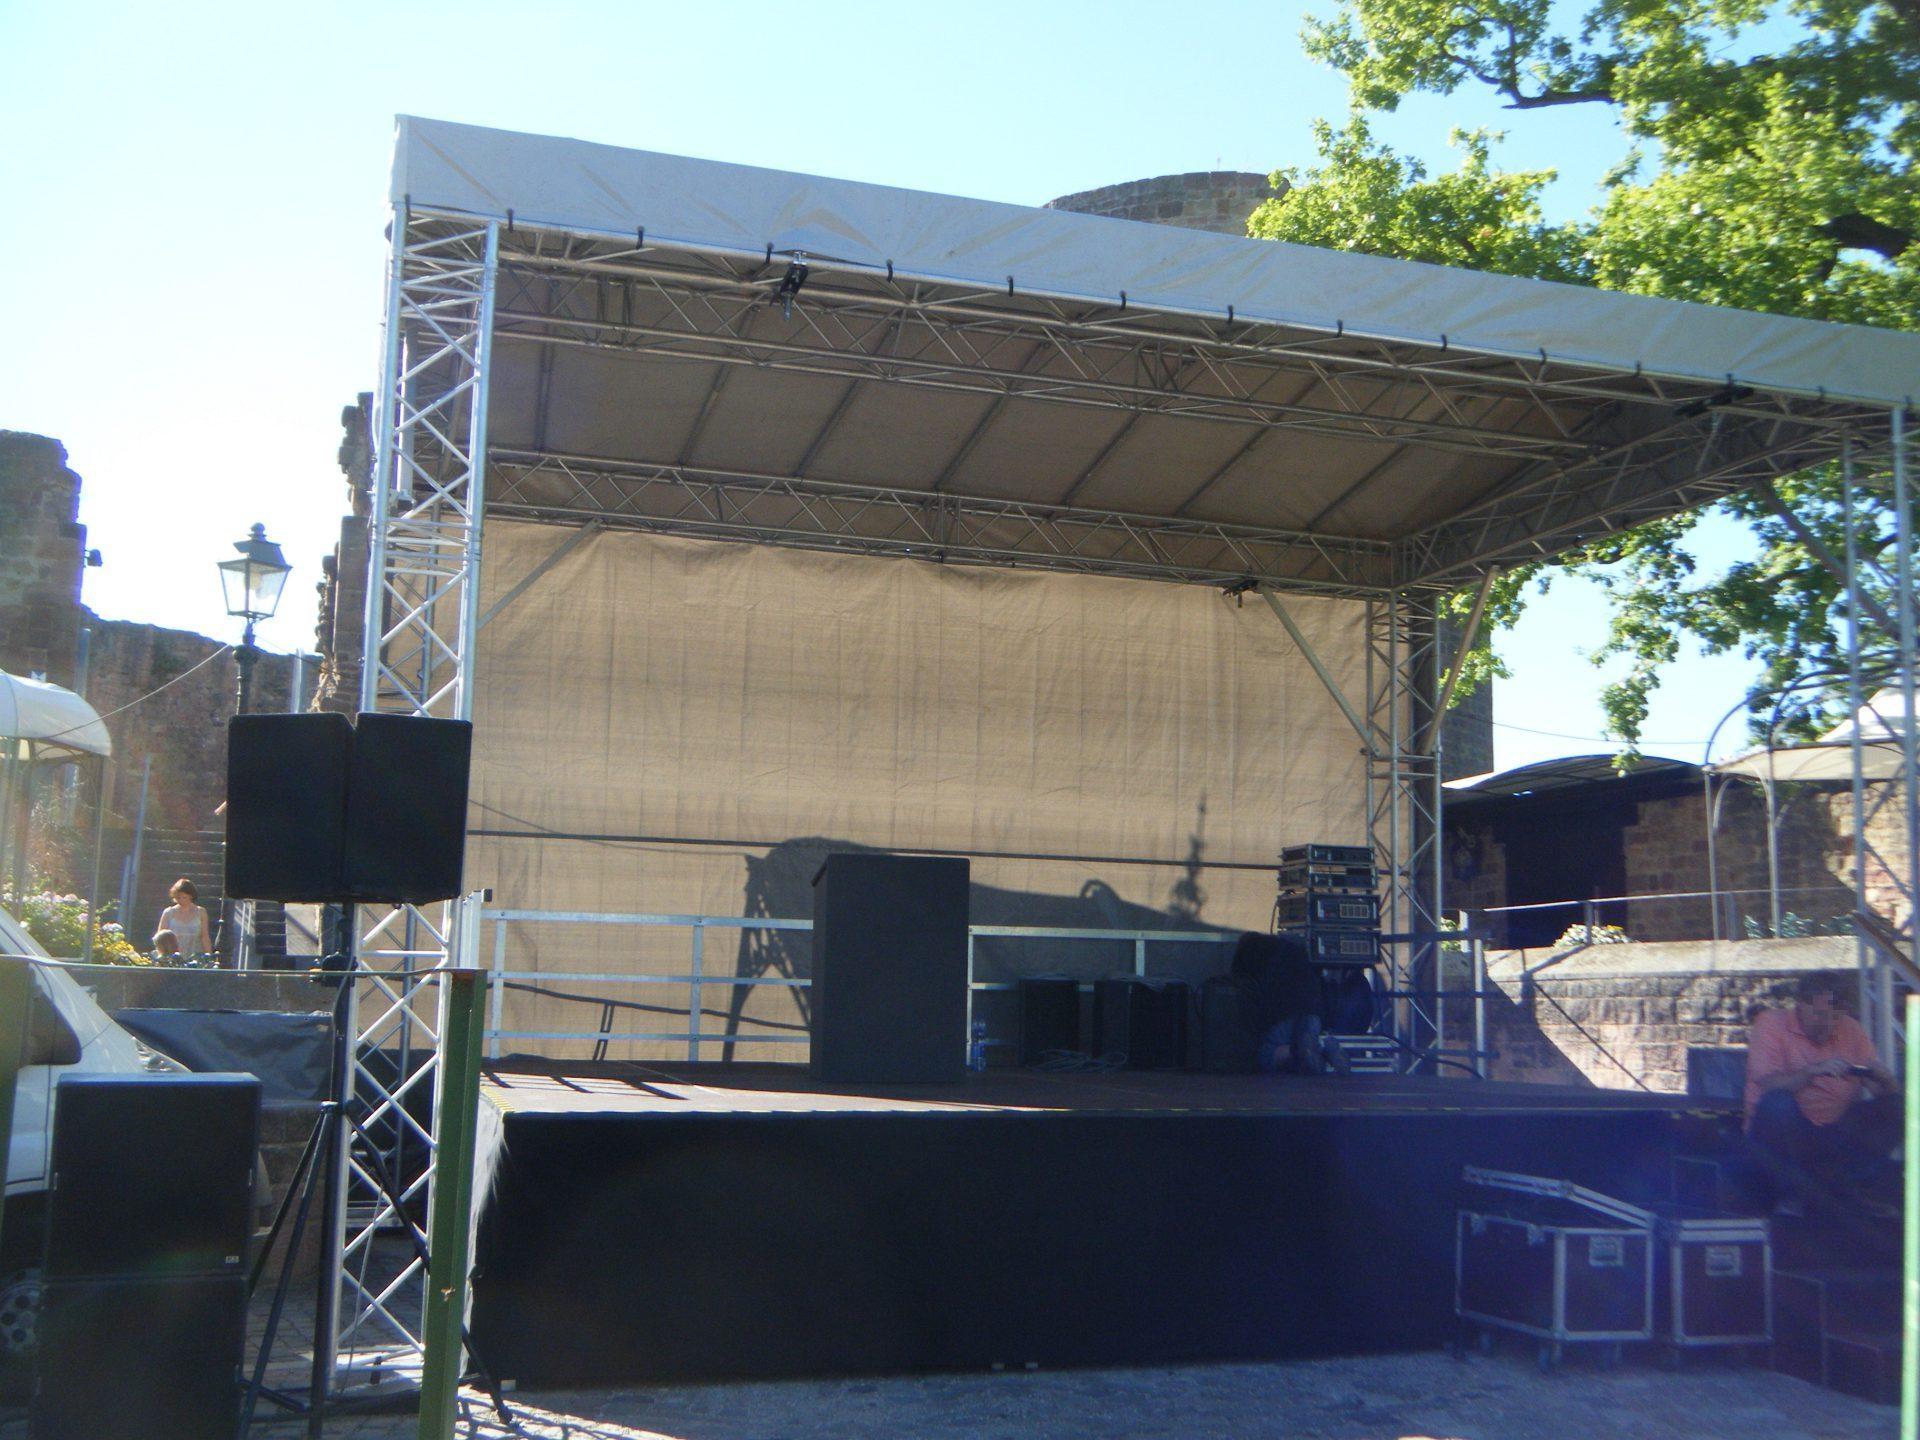 Bühne 7m x 5m an der Burg Altleiningen